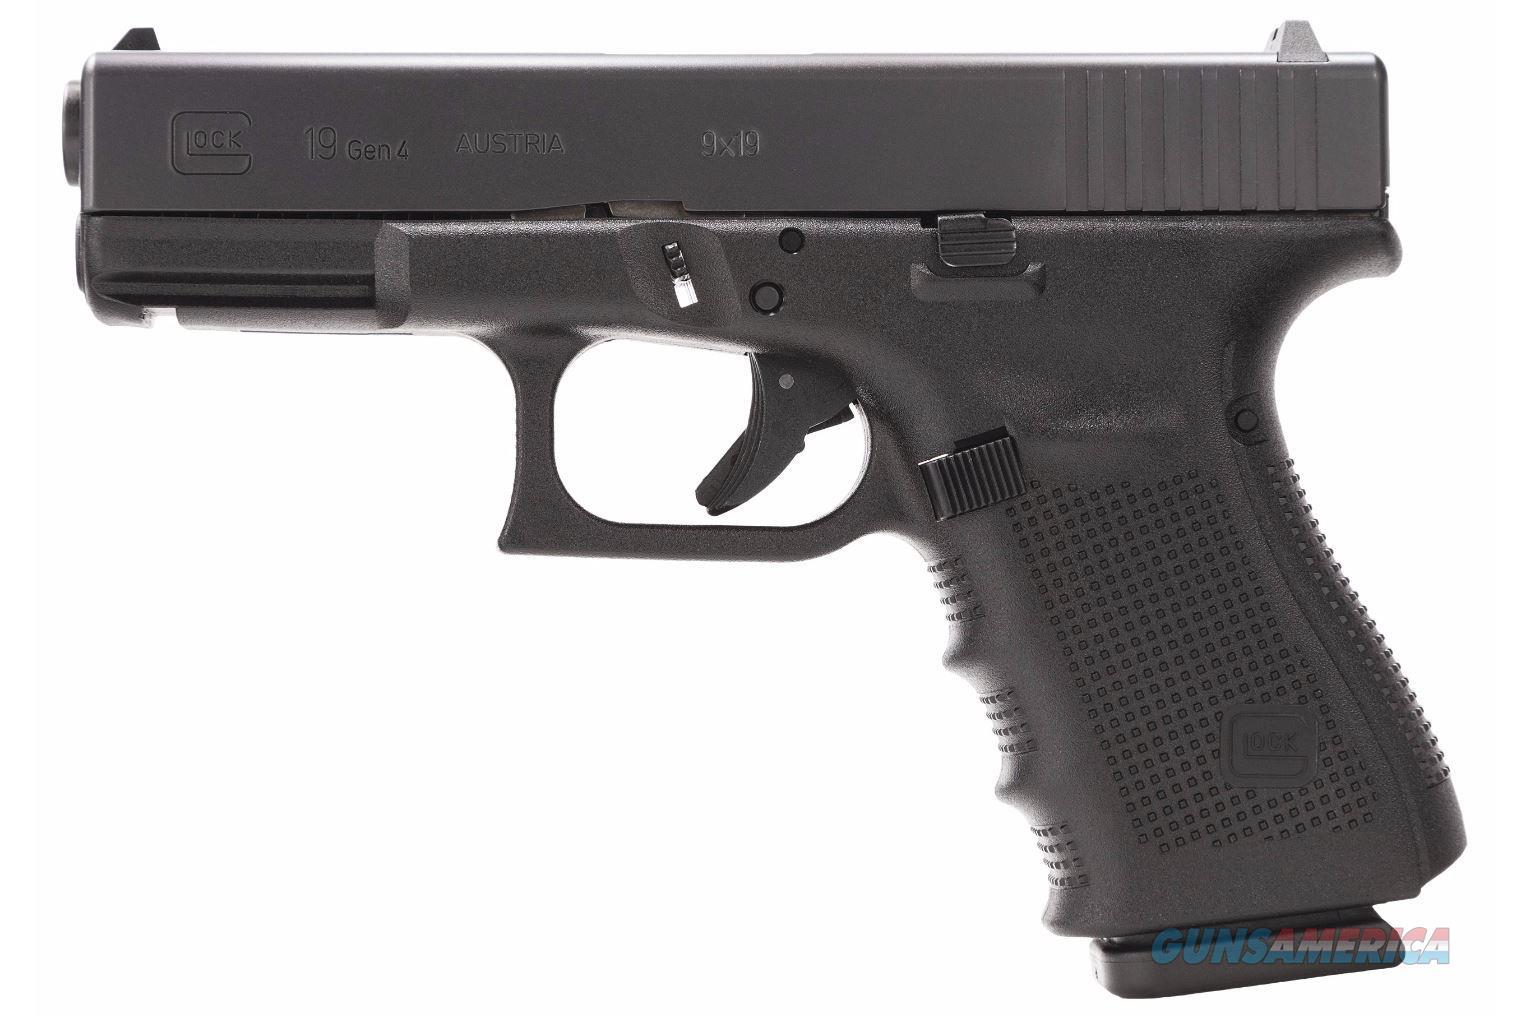 Glock 19 Gen4 9MM Pistol - New in Case for sale